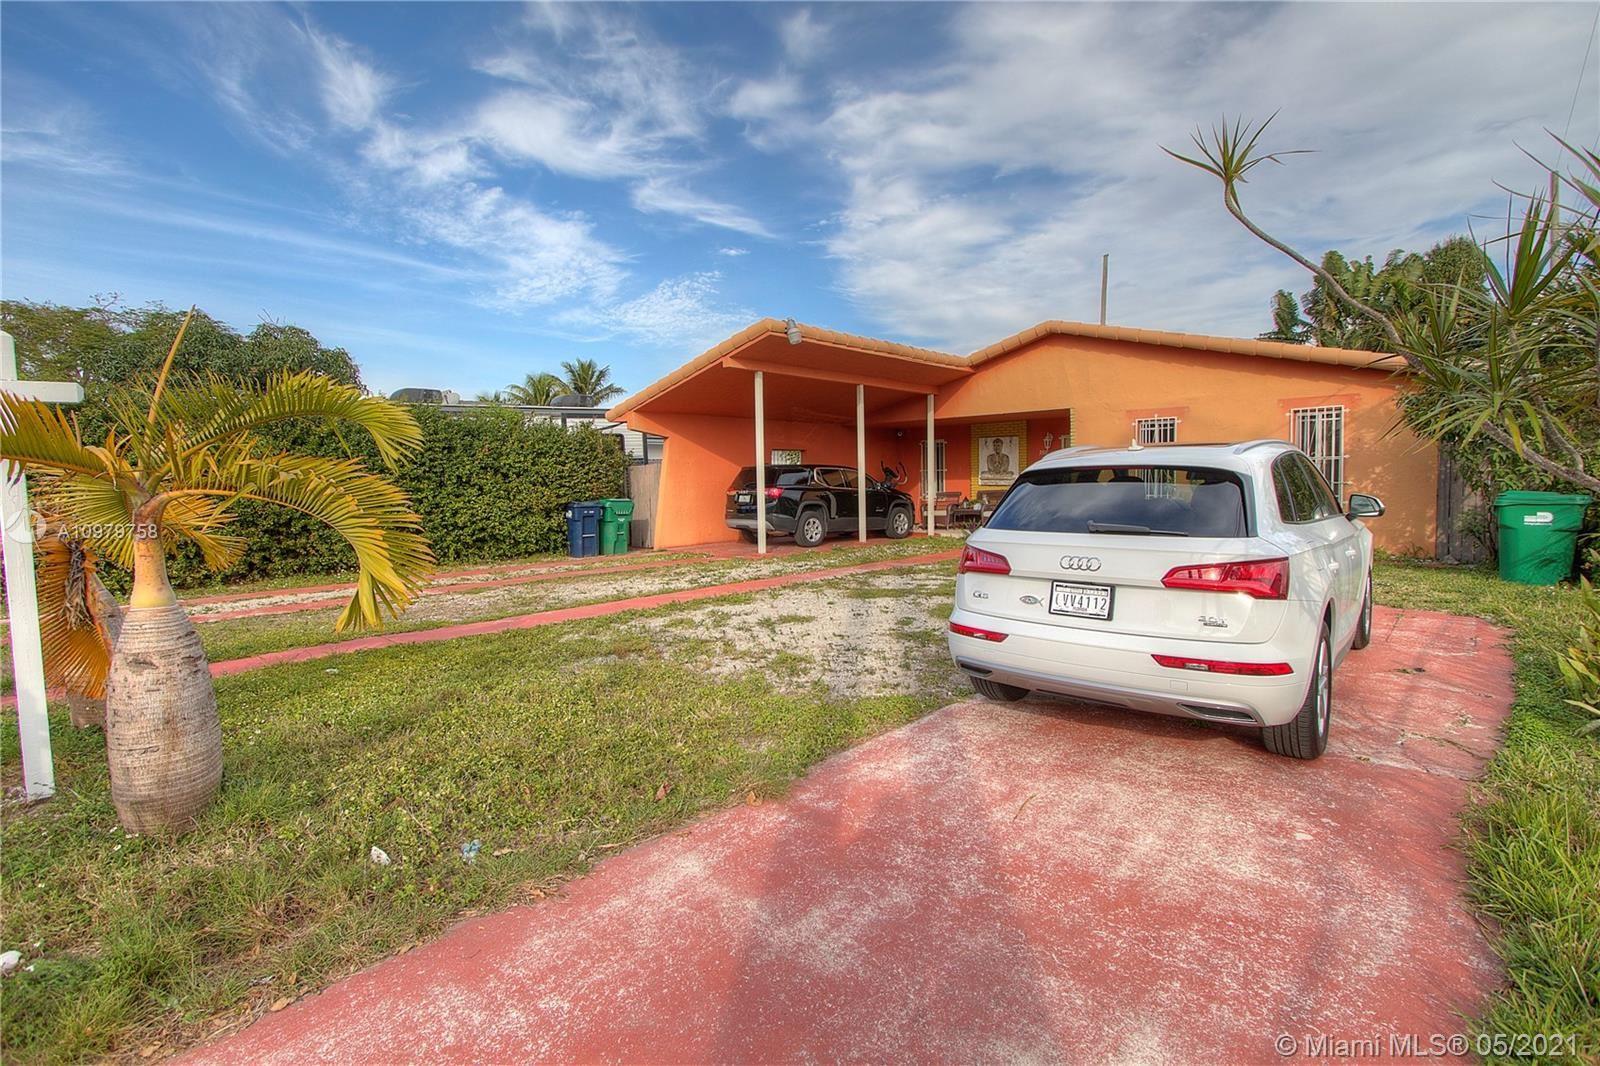 3511 SW 67th Ave, Miami, FL 33155 - #: A10979758